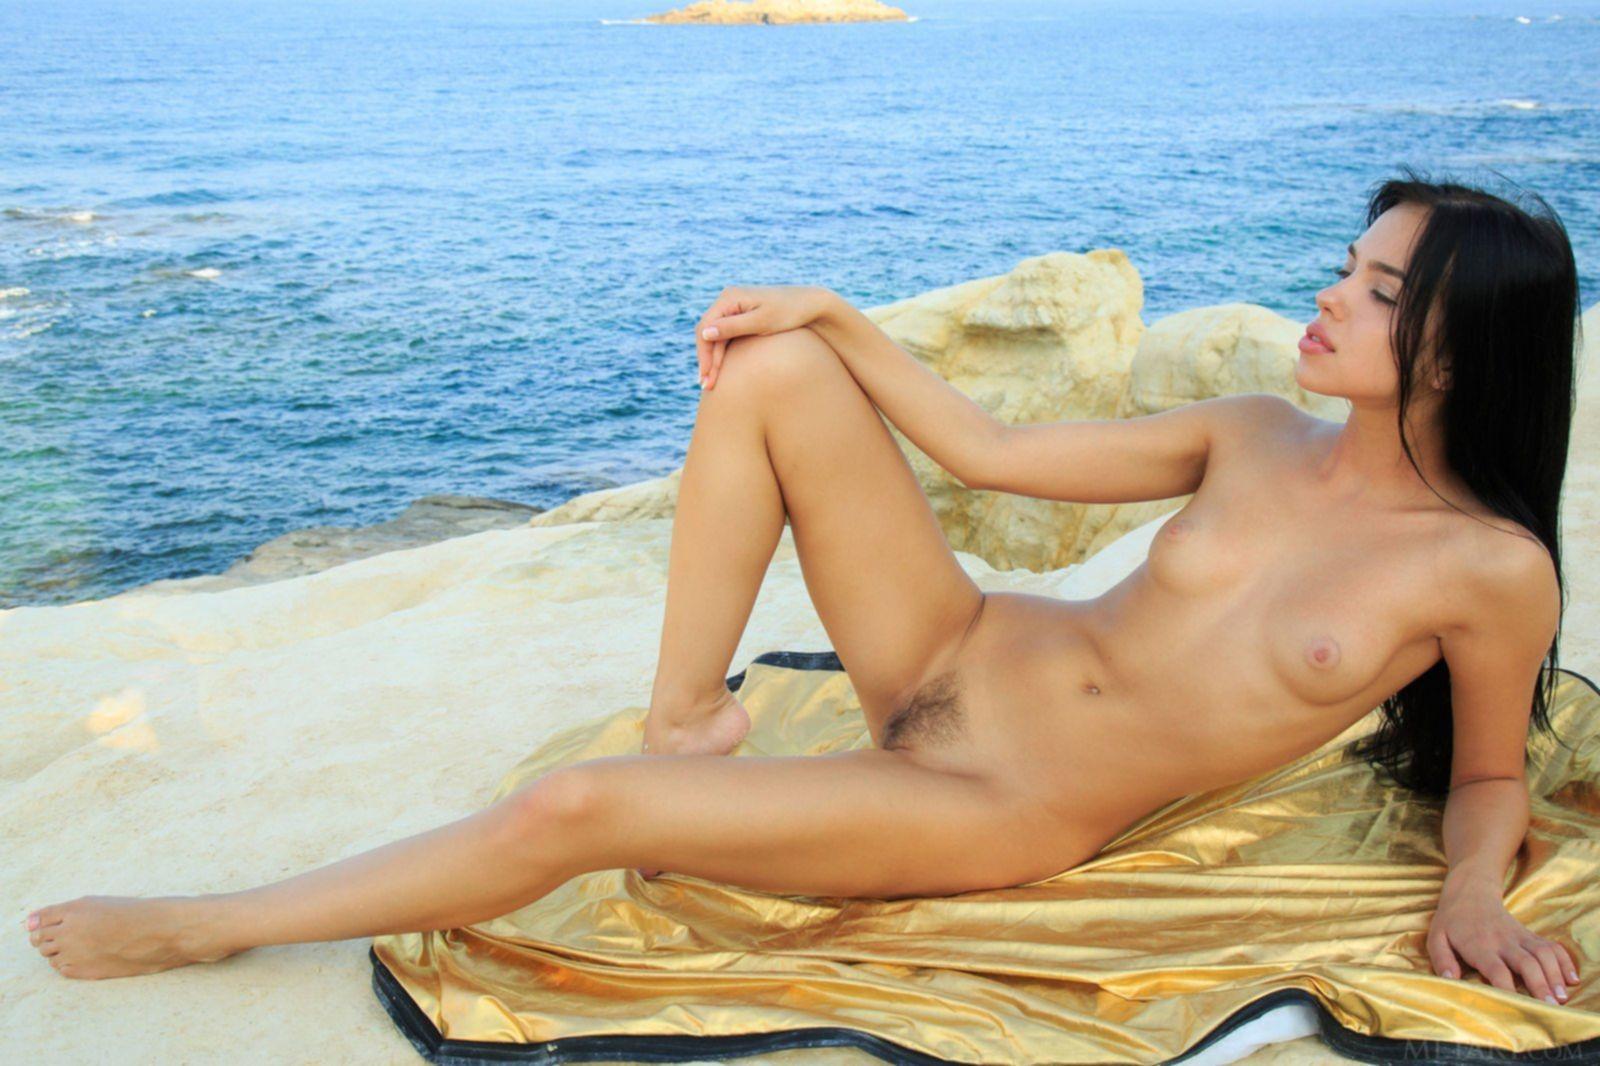 Брюнетка с волосиками на письке позирует голая у моря - фото